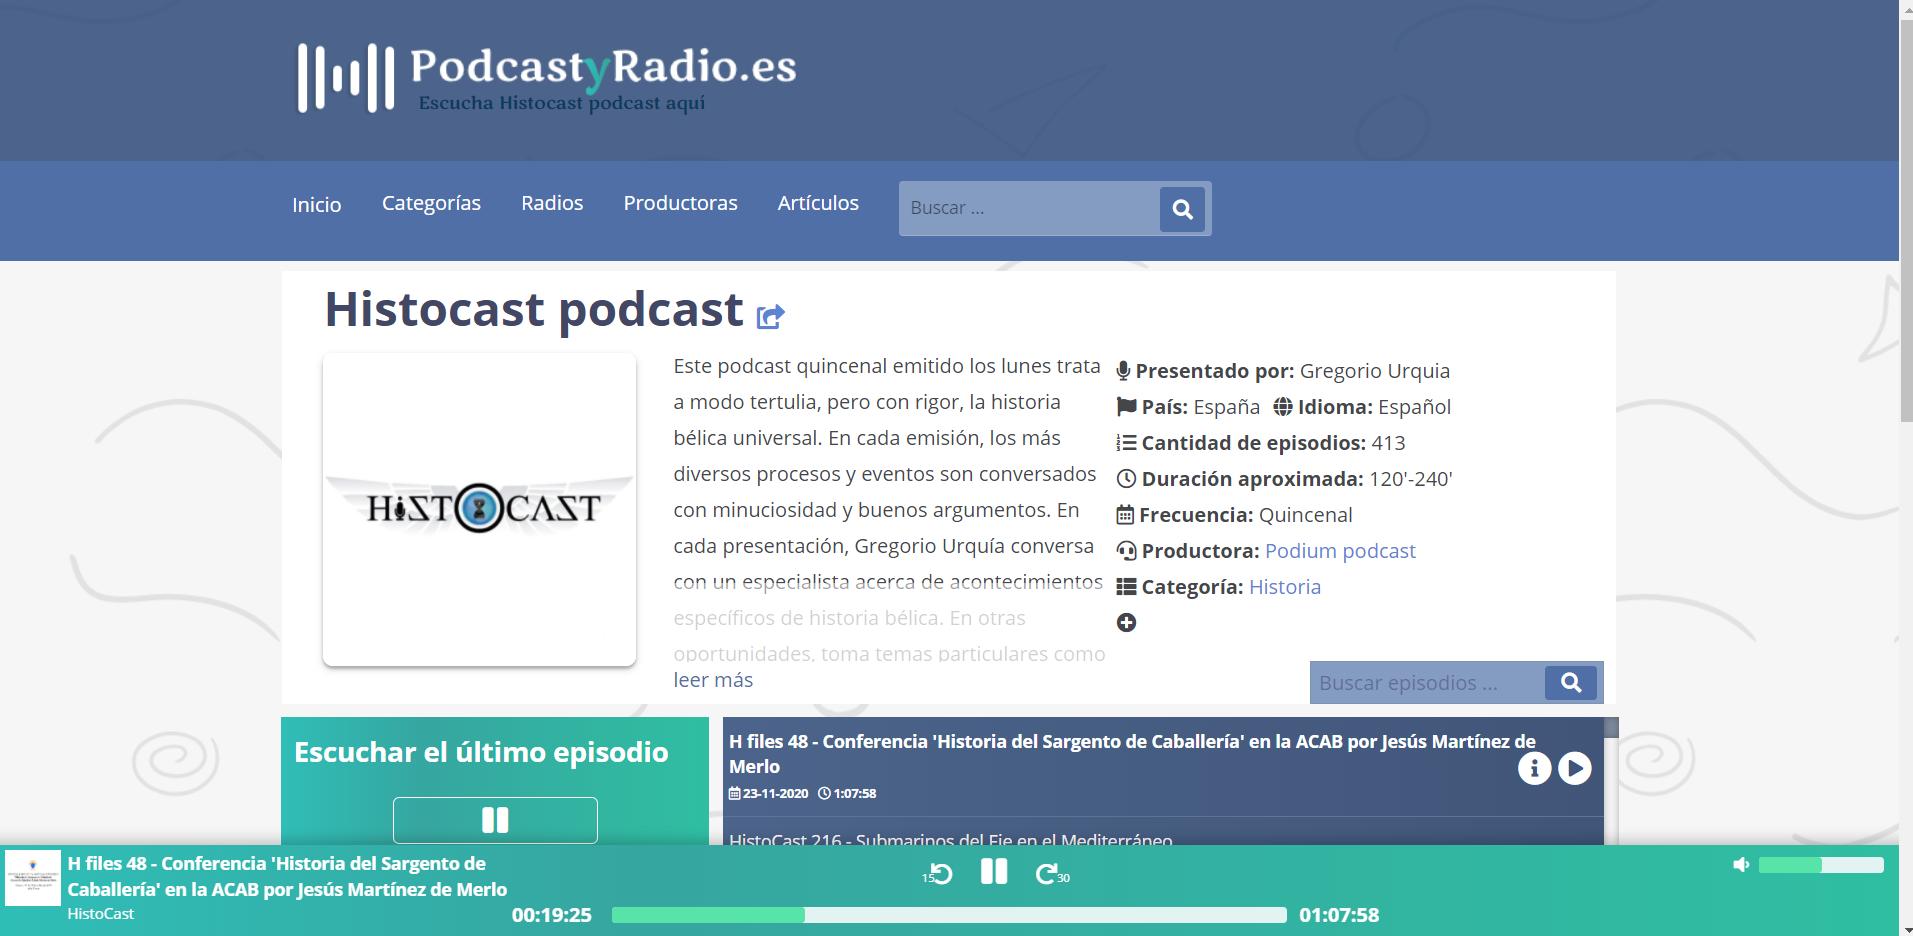 Fotografia PodcastyRadio.es ordenador